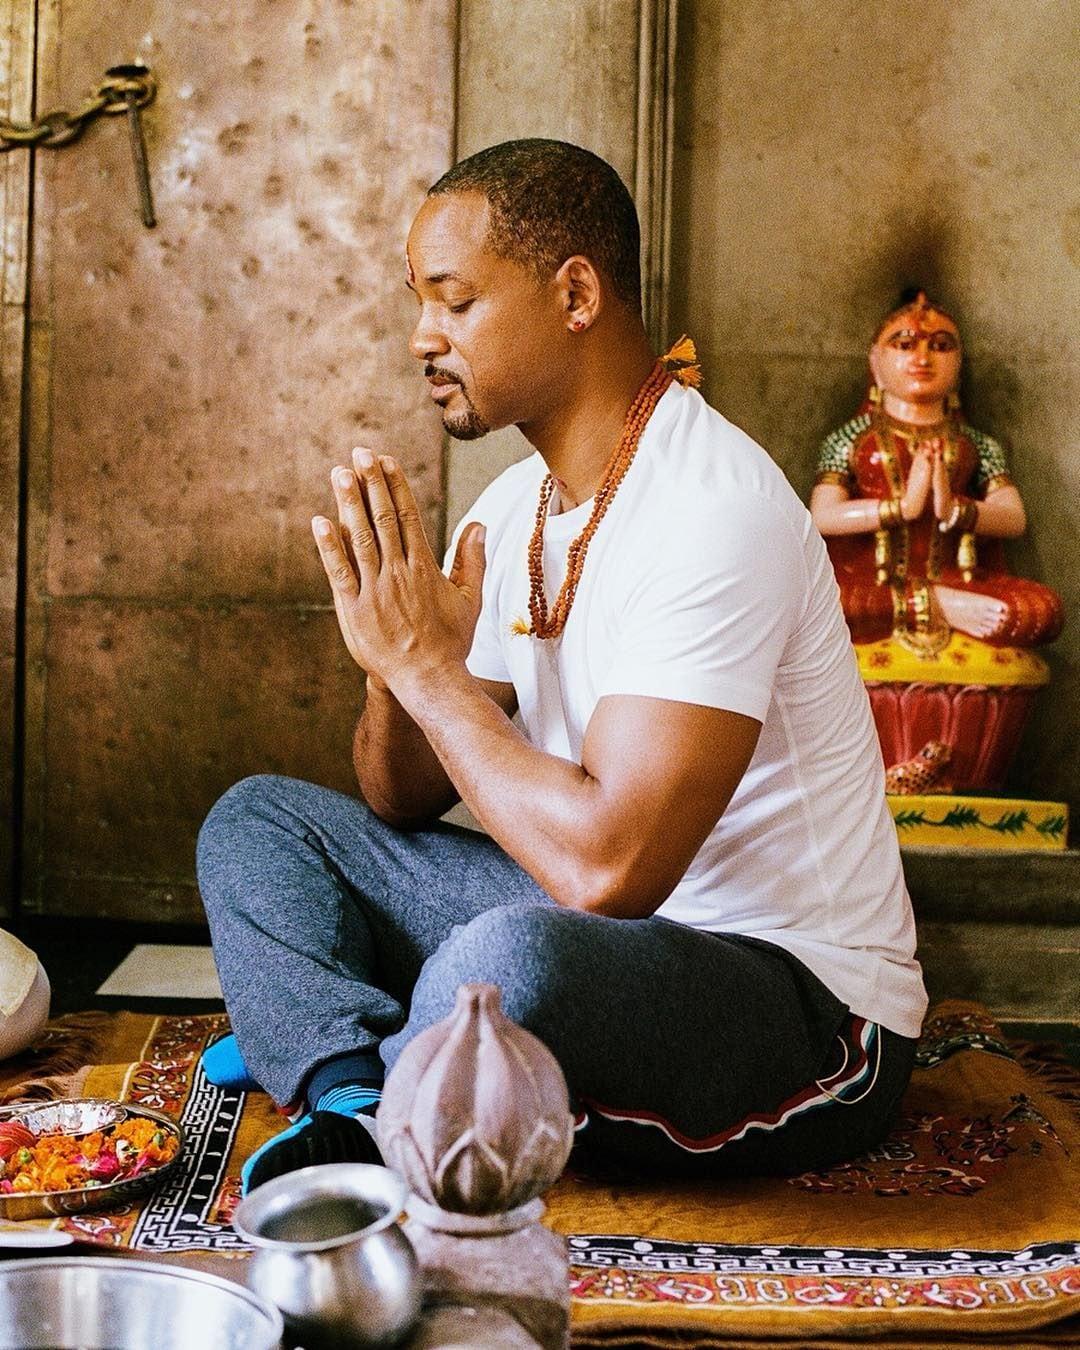 গত বছর হরিদ্বারে পৌঁছে গঙ্গা আরতিতে যোগ দিয়েছিলেন তারকা। ভক্তিভরে মা গঙ্গার পুজো করেছিলেন। (ছবি-ইনস্টাগ্রাম)